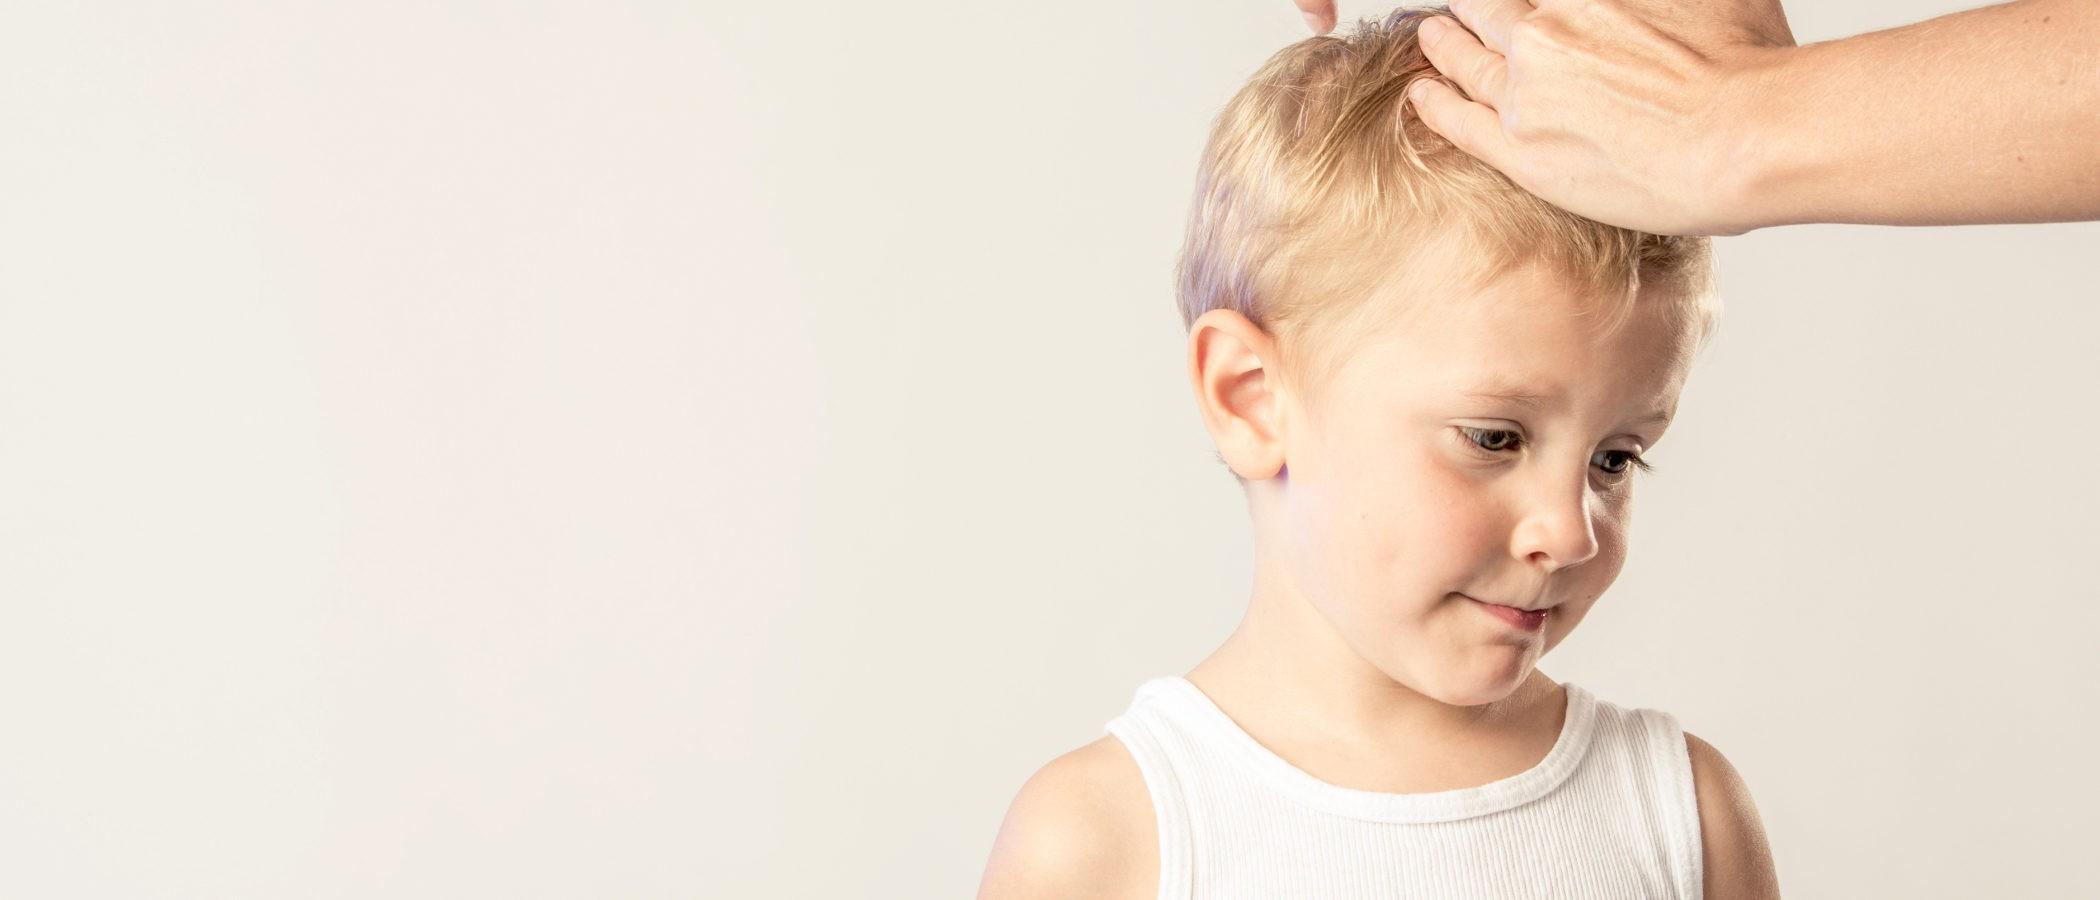 Peinados y cortes de pelo en niño para primavera y verano